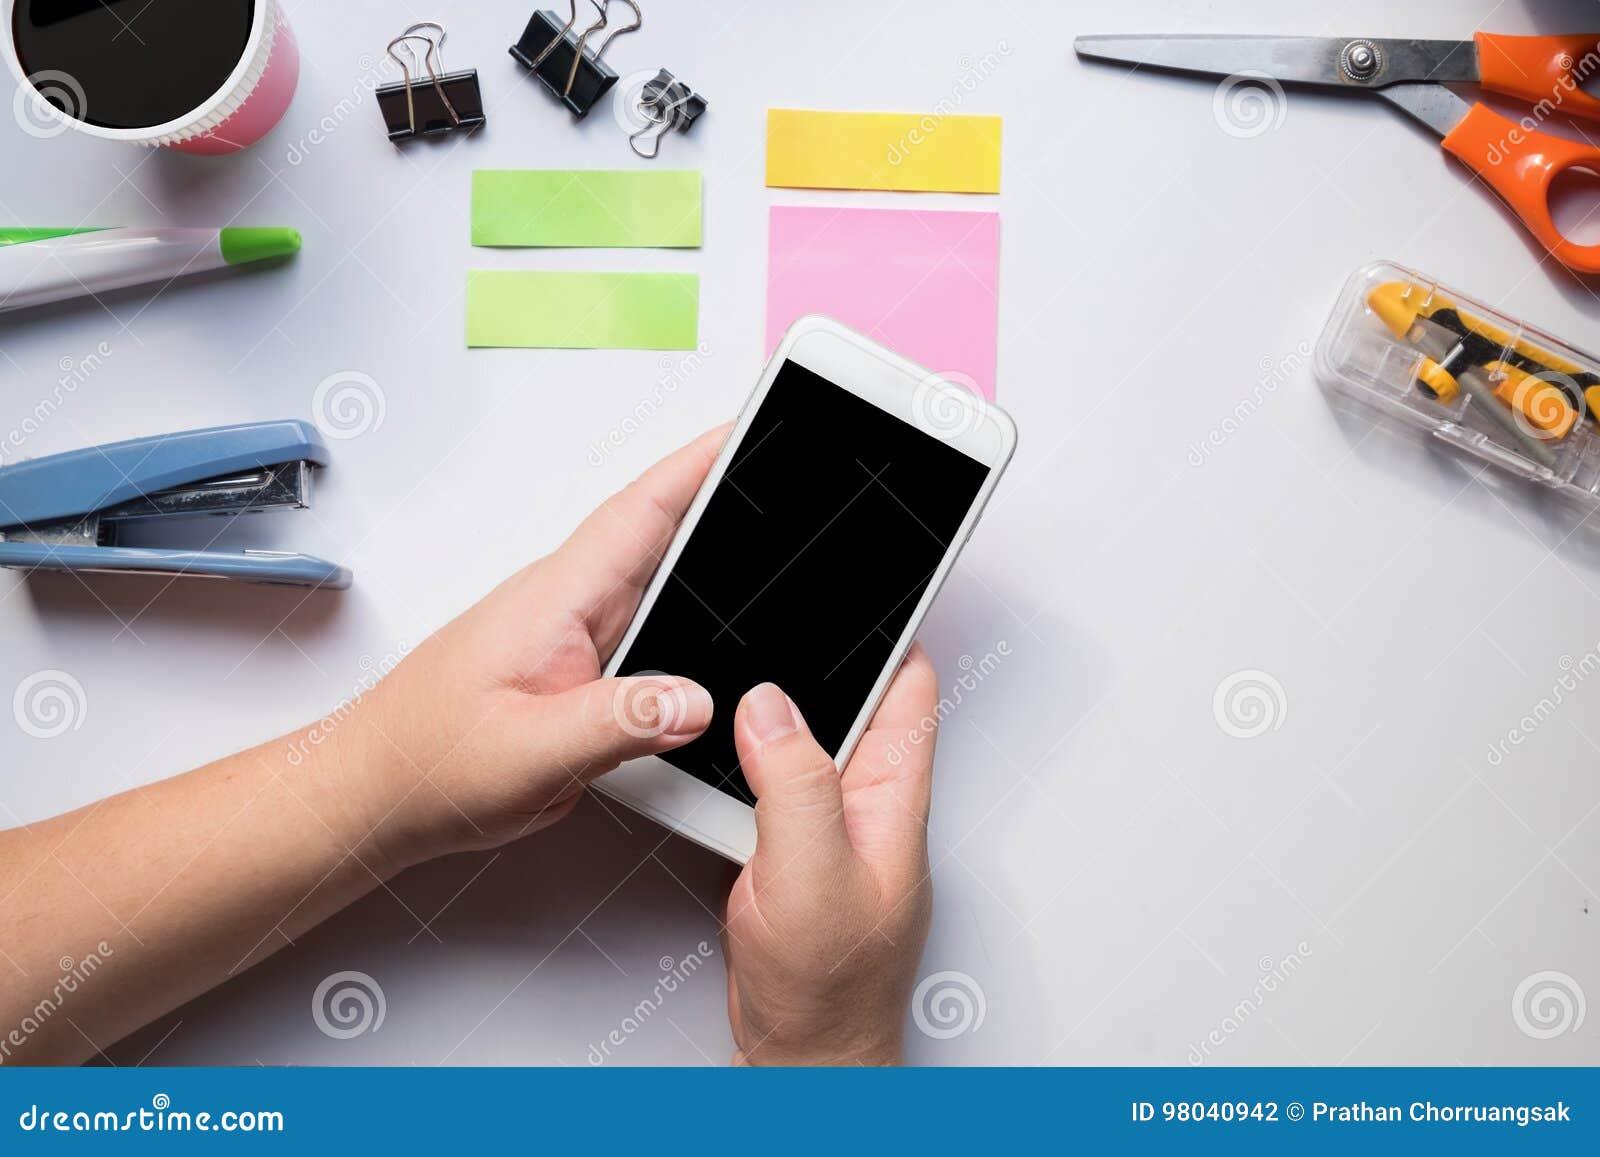 Mano usando smartphone en el escritorio de oficina